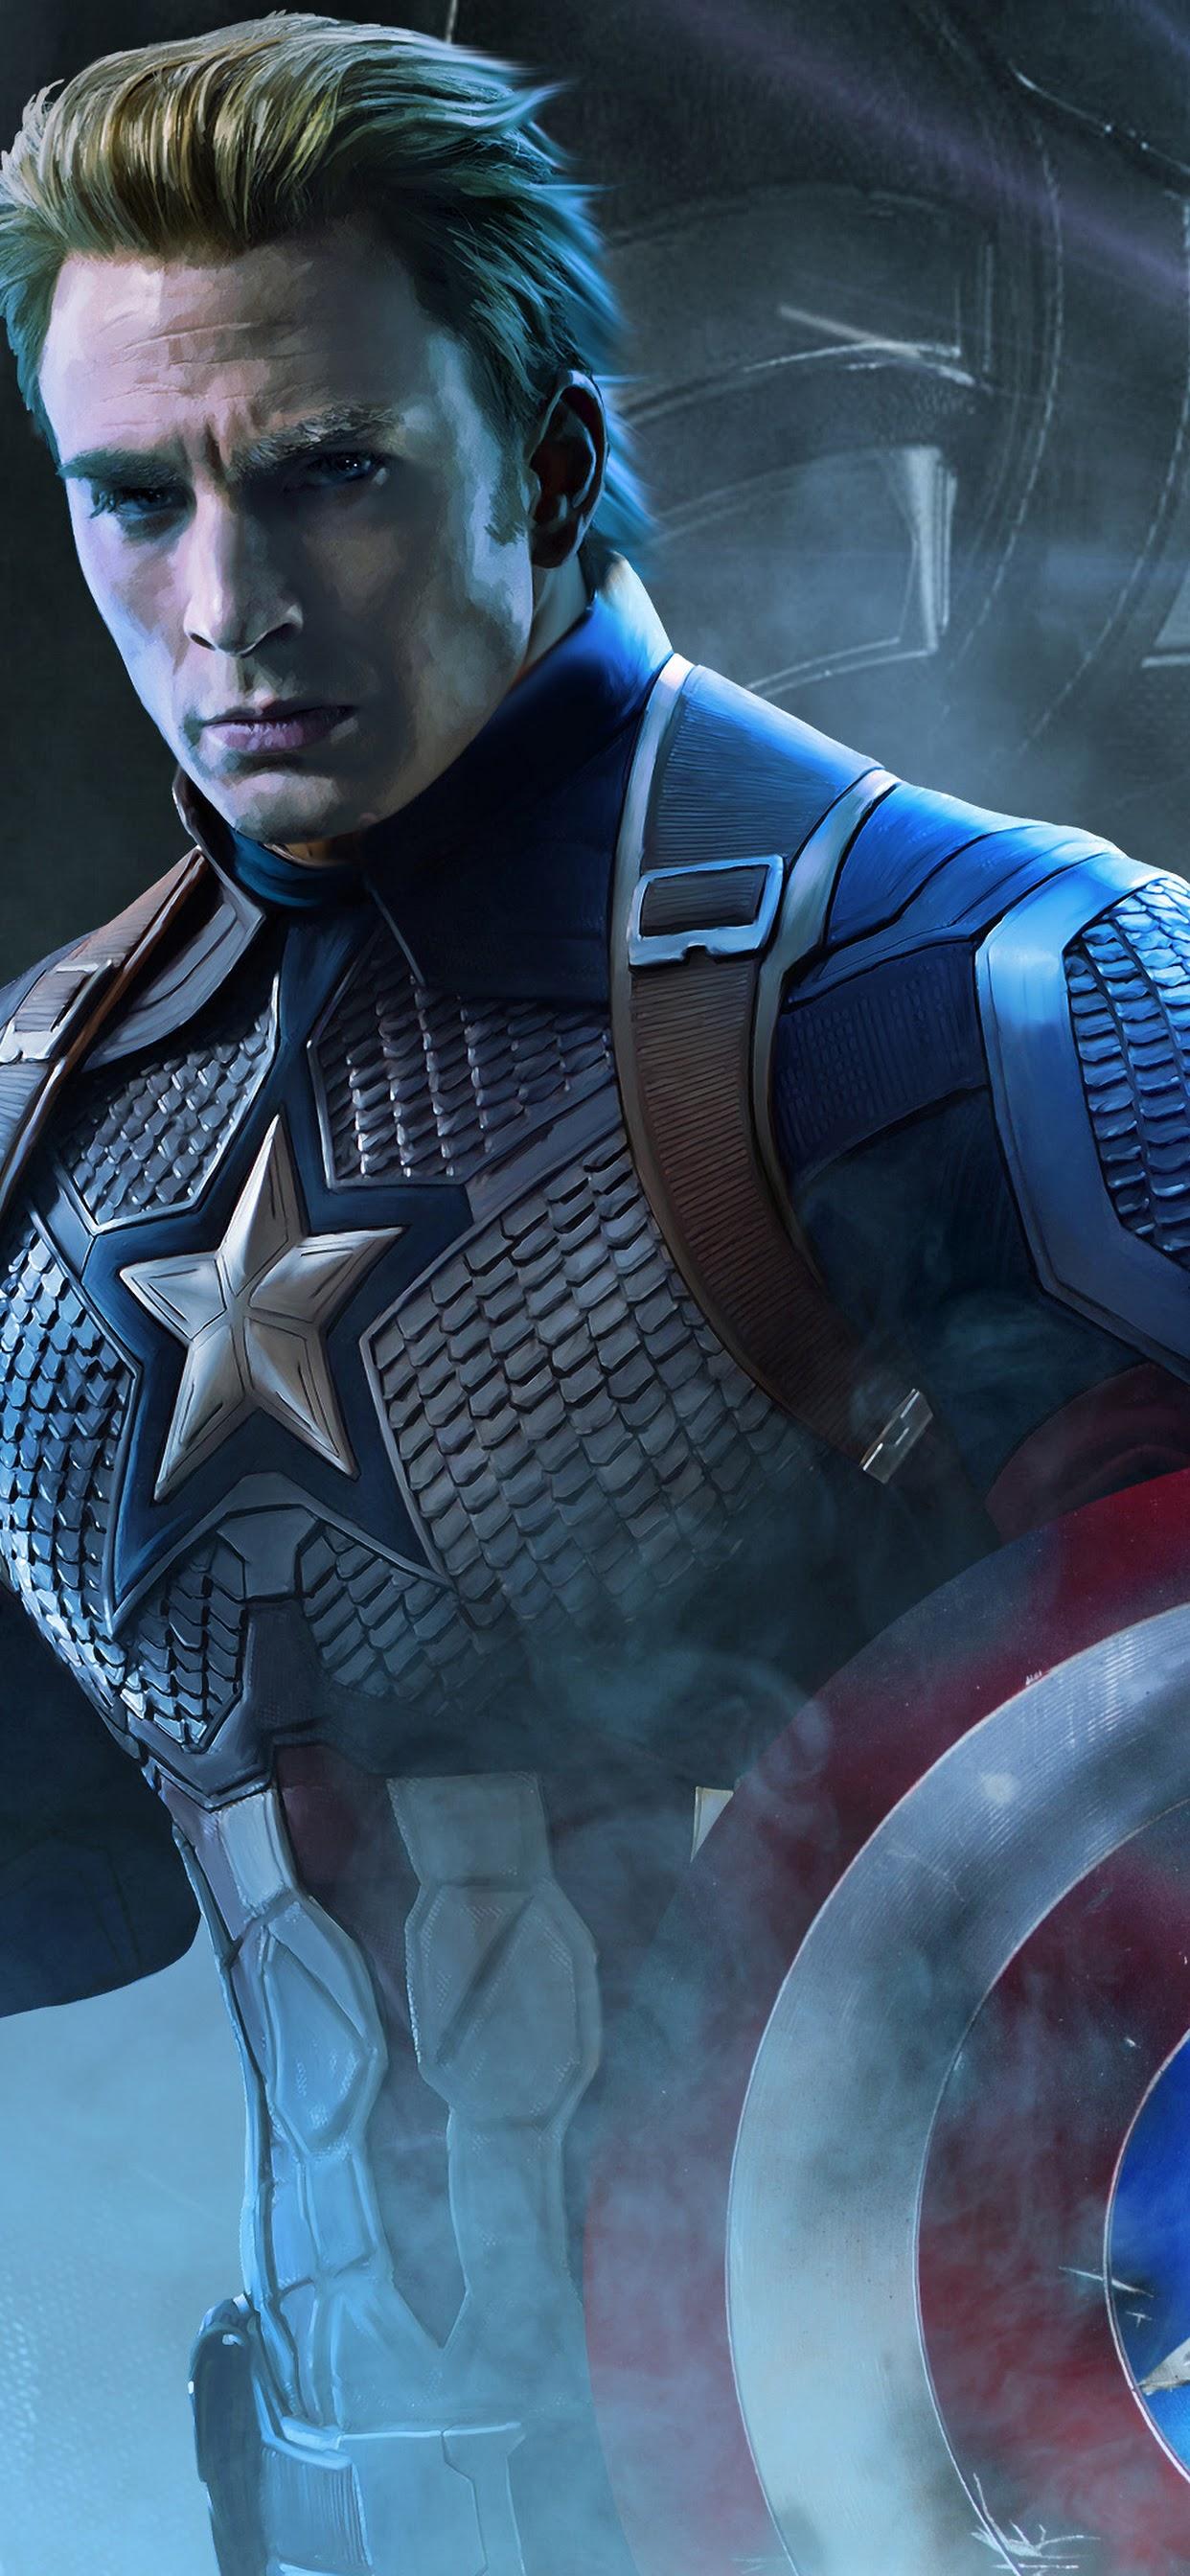 Avengers Endgame Captain America 4k Wallpaper 18